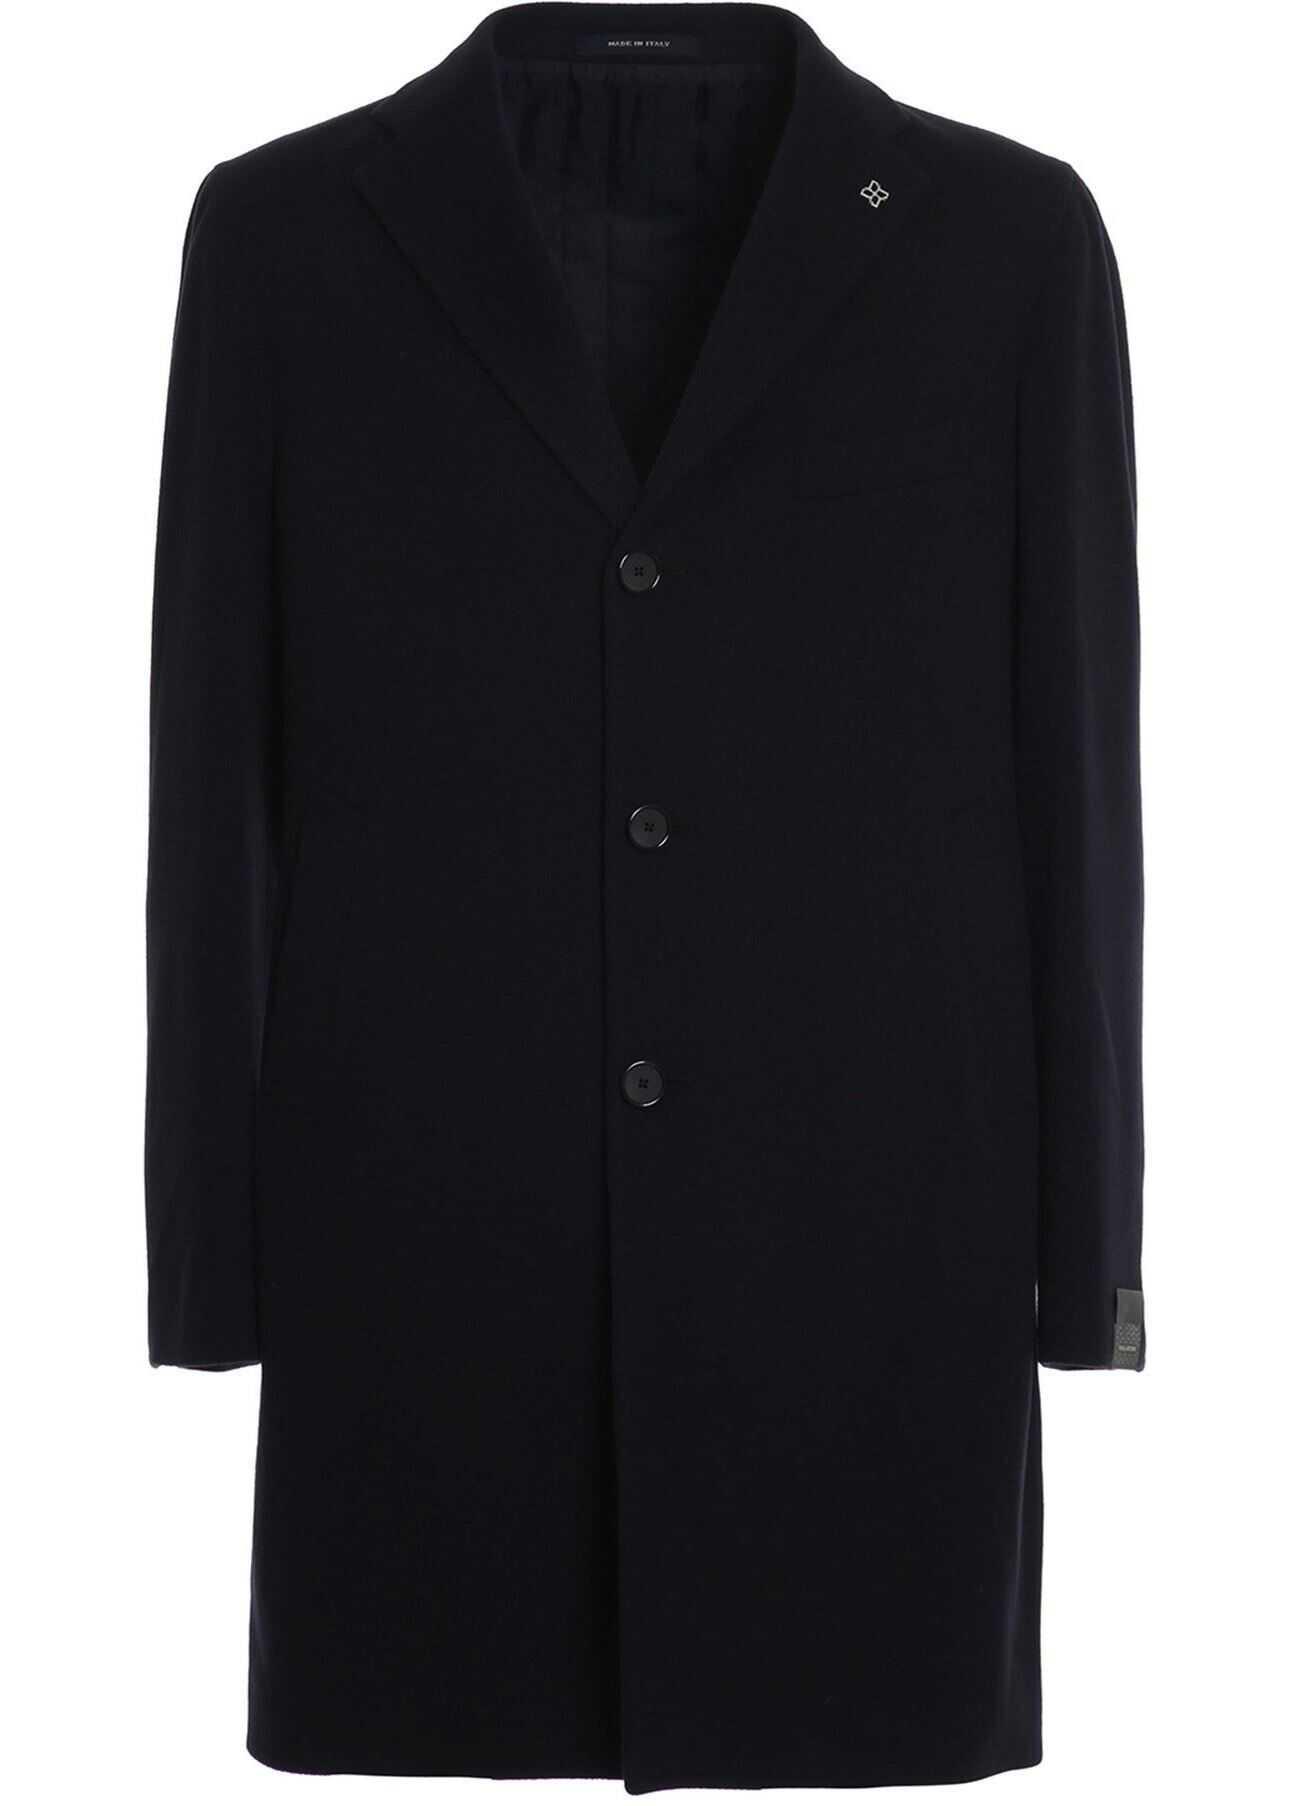 Tagliatore Soft Wool And Cashmere Cloth Coat In Black Blue imagine